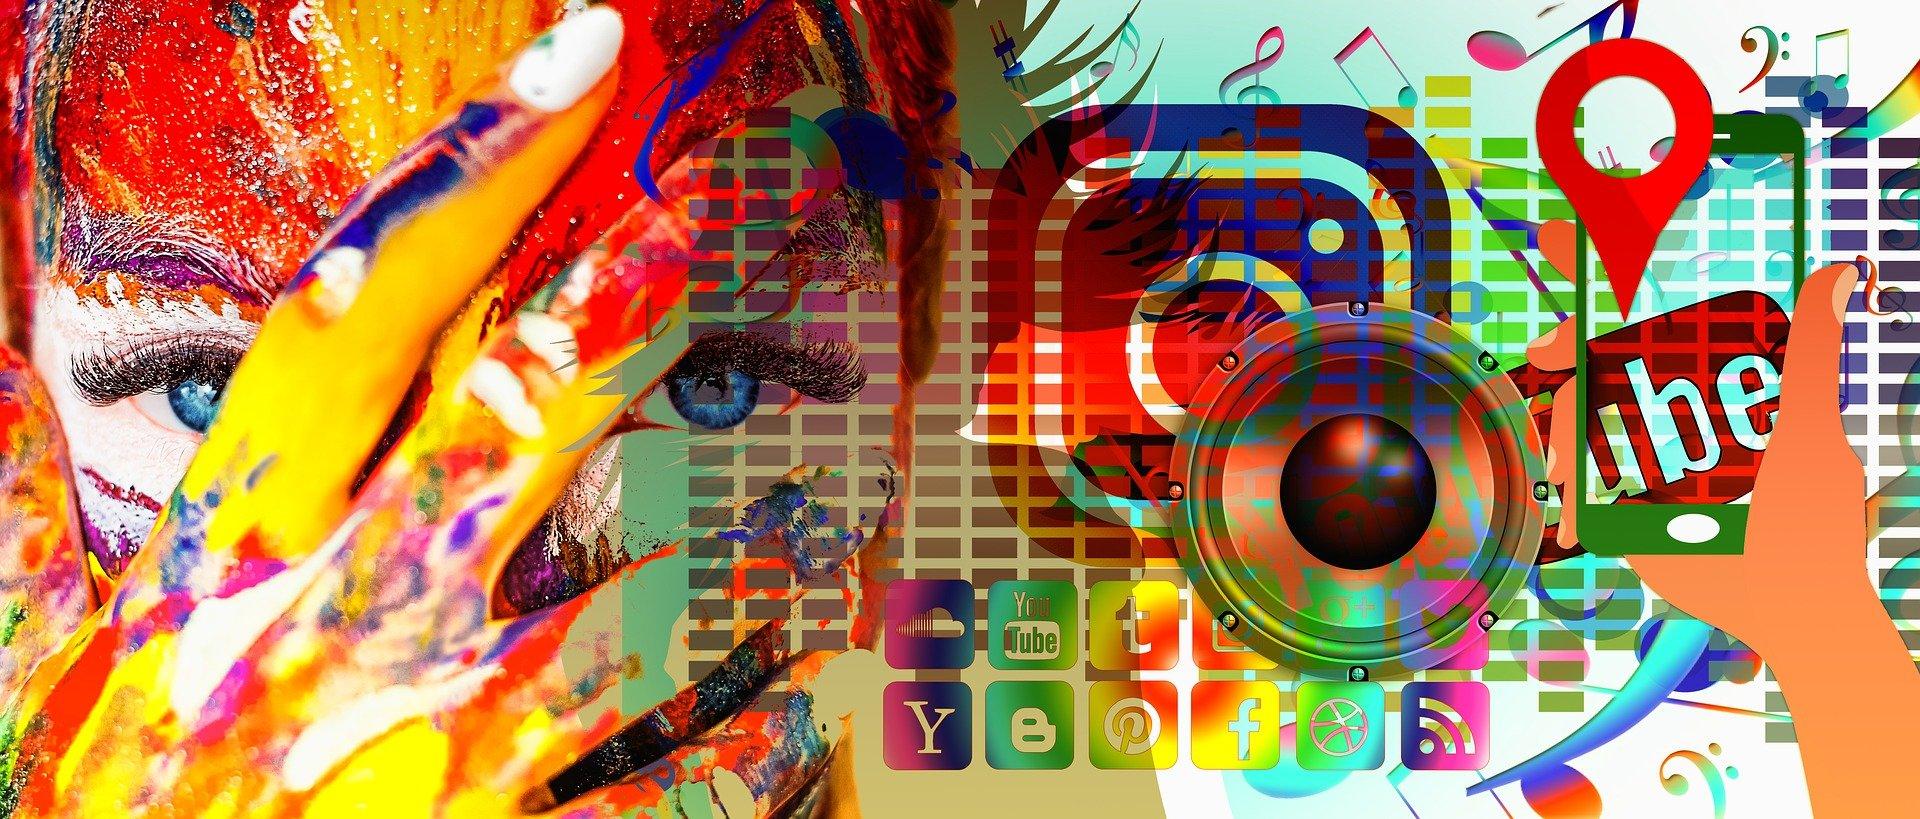 social-media-3758364_1920